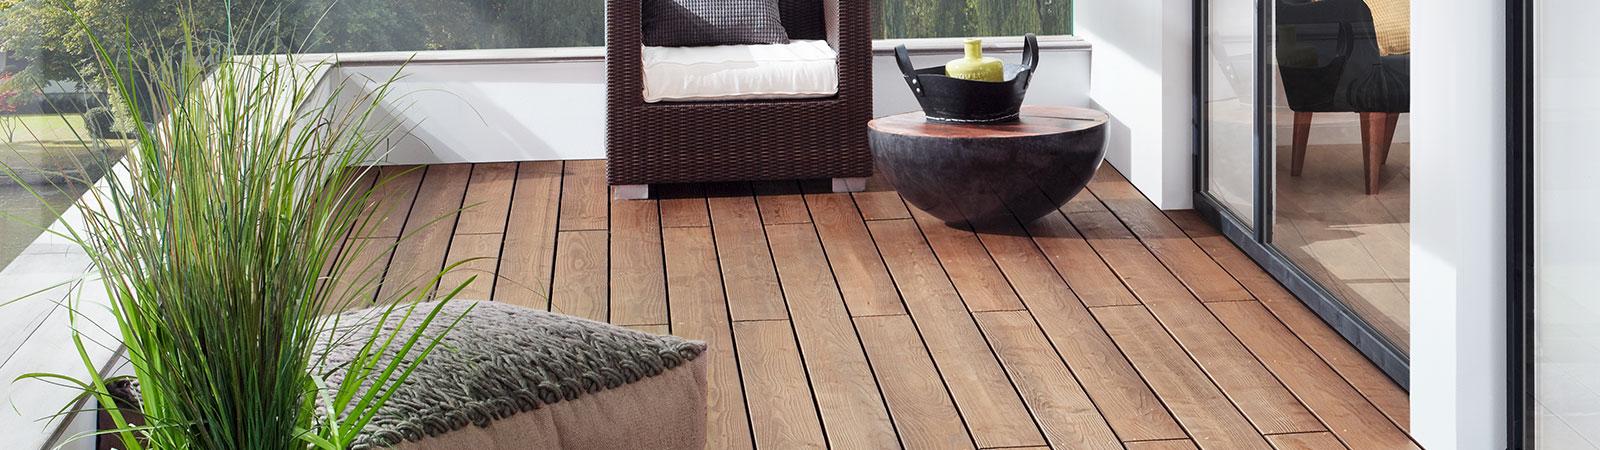 Holzanstriche für die Terrasse - Osmo Holz und Color GmbH & Co. KG